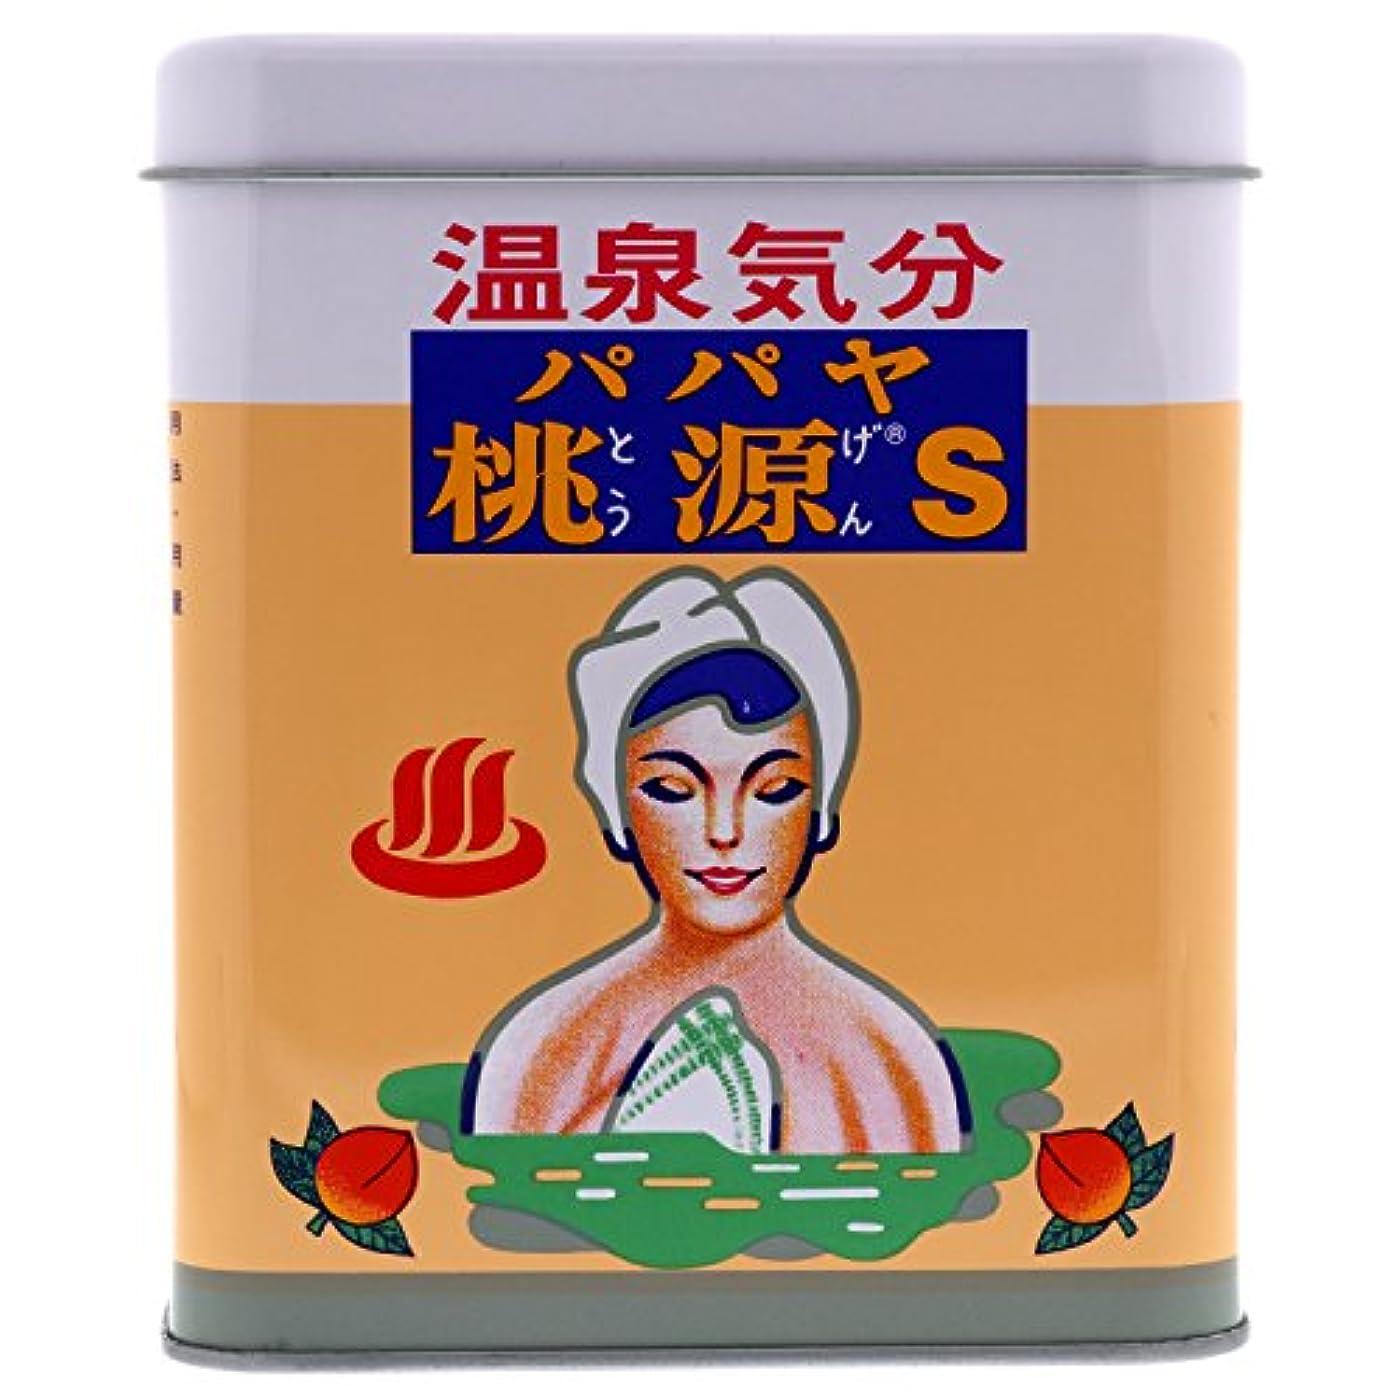 トレイ歯科医挨拶パパヤ桃源S 700g 缶 [医薬部外品]